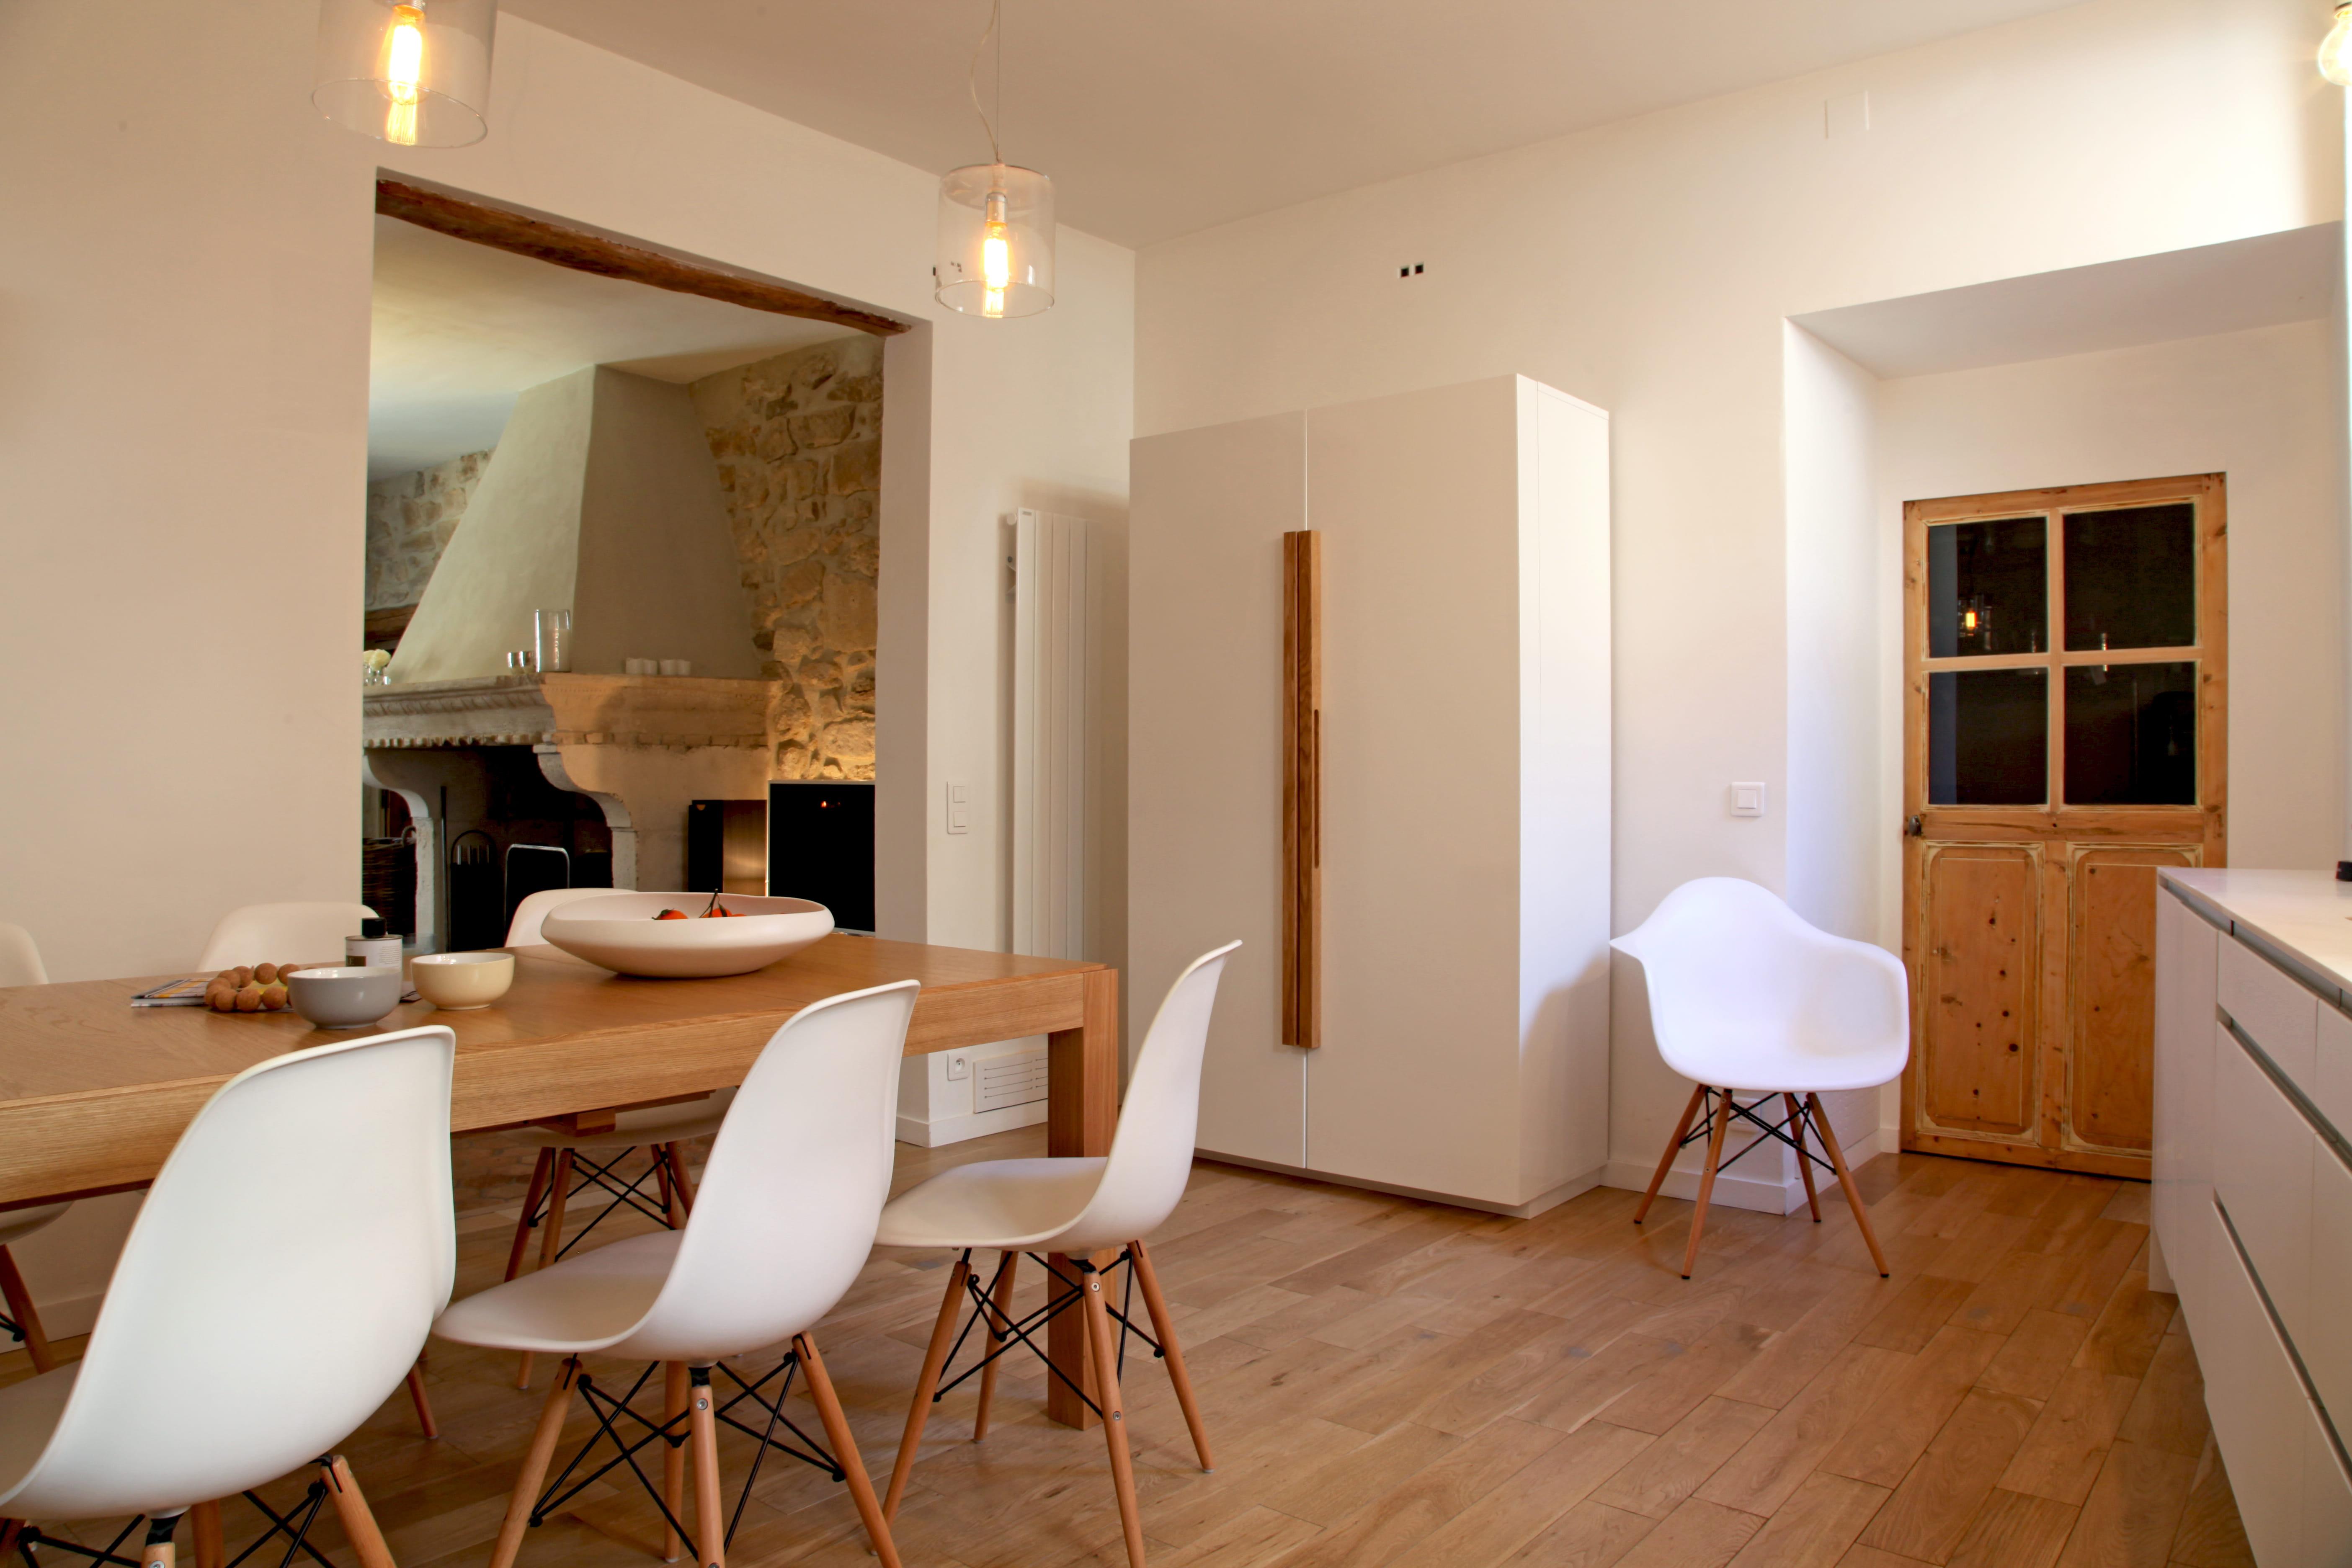 6 solutions pour ouvrir la cuisine - Ouverture entre cuisine et salle a manger ...